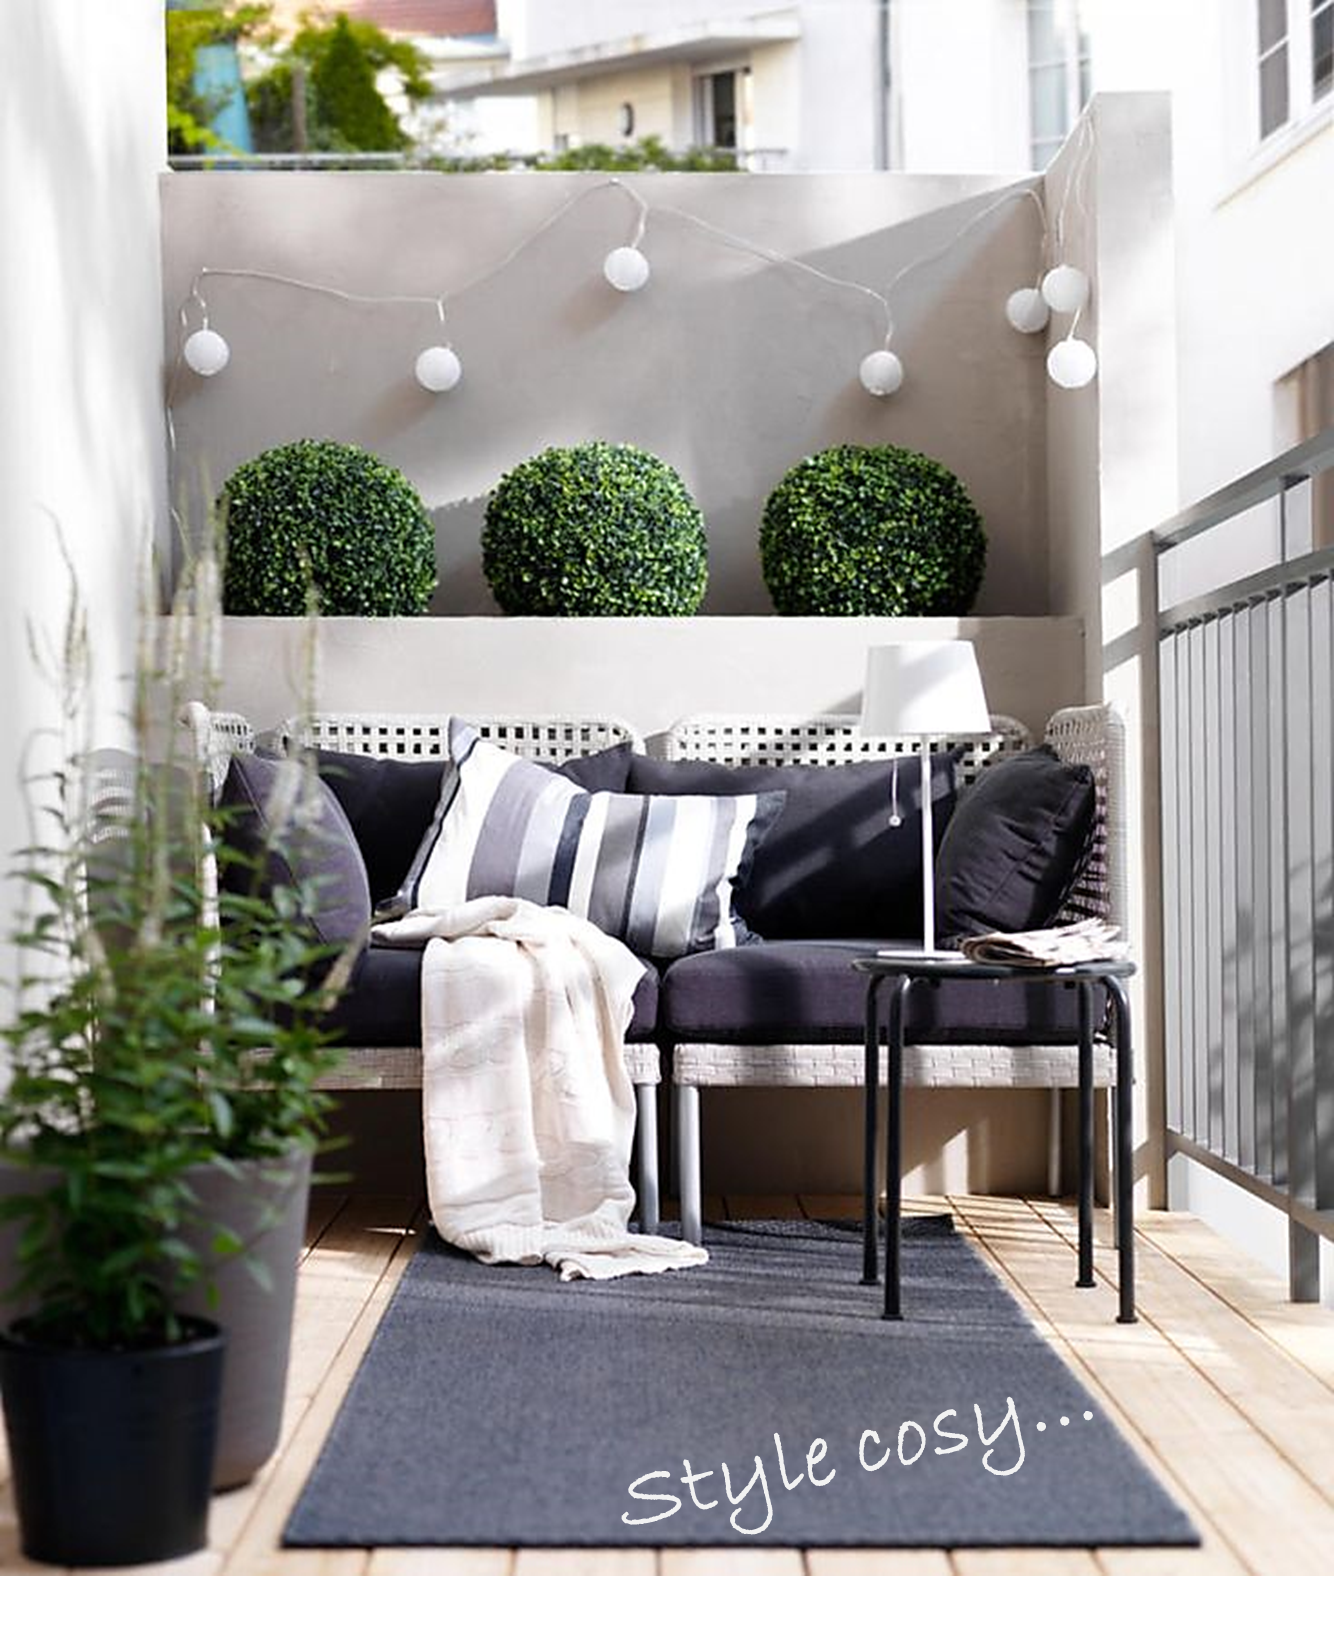 5 id es de d coration pour petit balcon estelle jubelinestelle jubelin. Black Bedroom Furniture Sets. Home Design Ideas